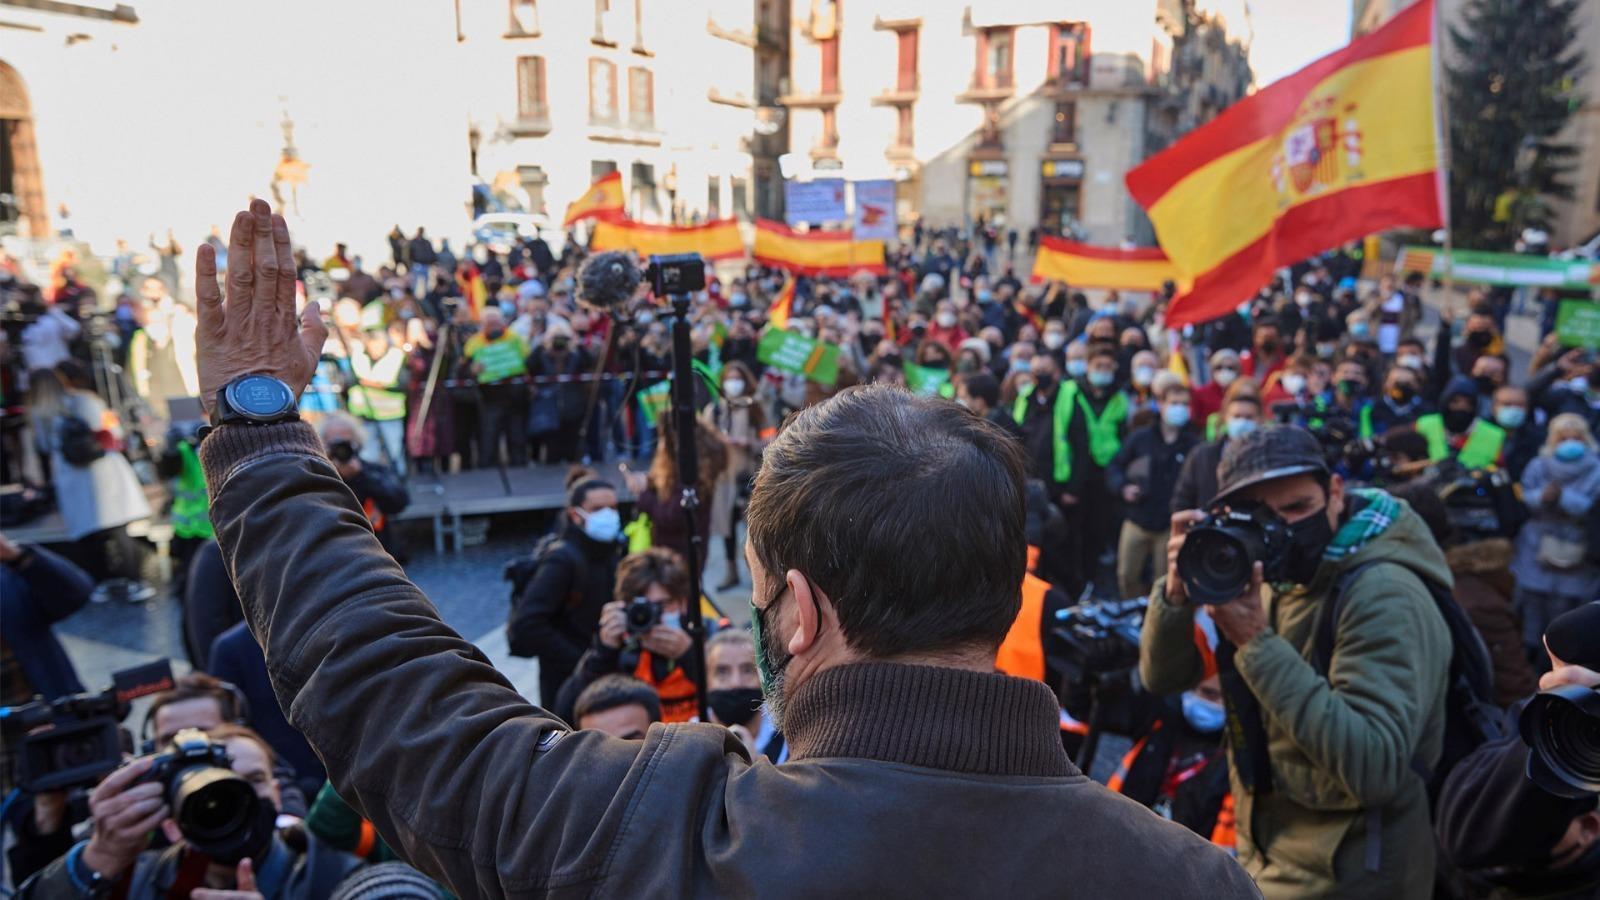 L'anàlisi d'Antoni Bassas: 'Feixistes a Sant Jaume, que sigui l'última vegada'